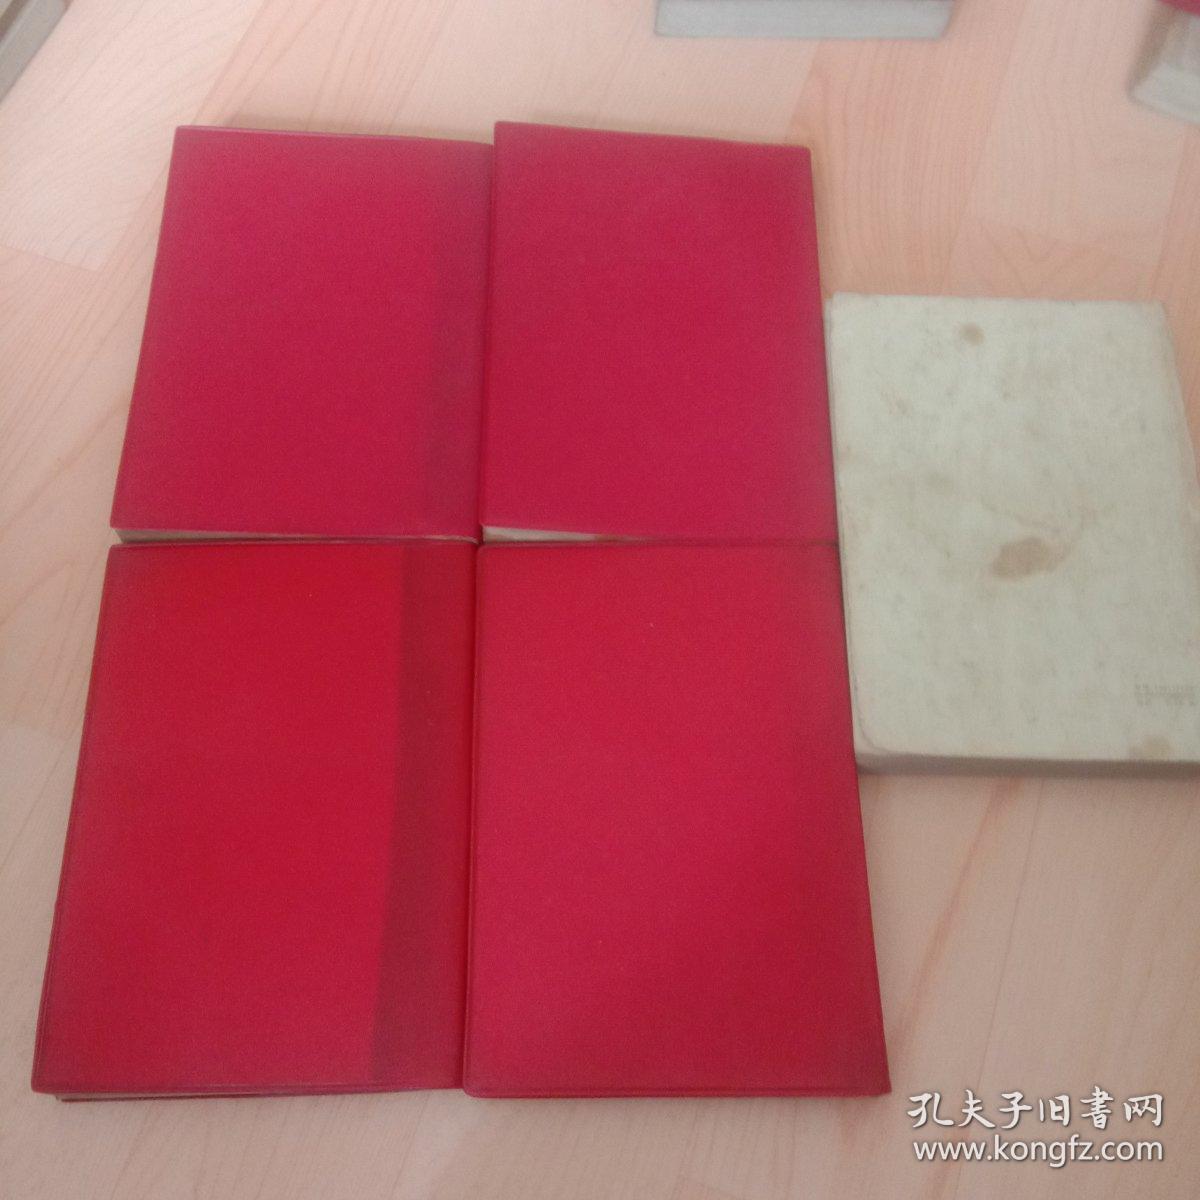 毛泽东选集 【1-5】 全五卷  红塑料皮 简版